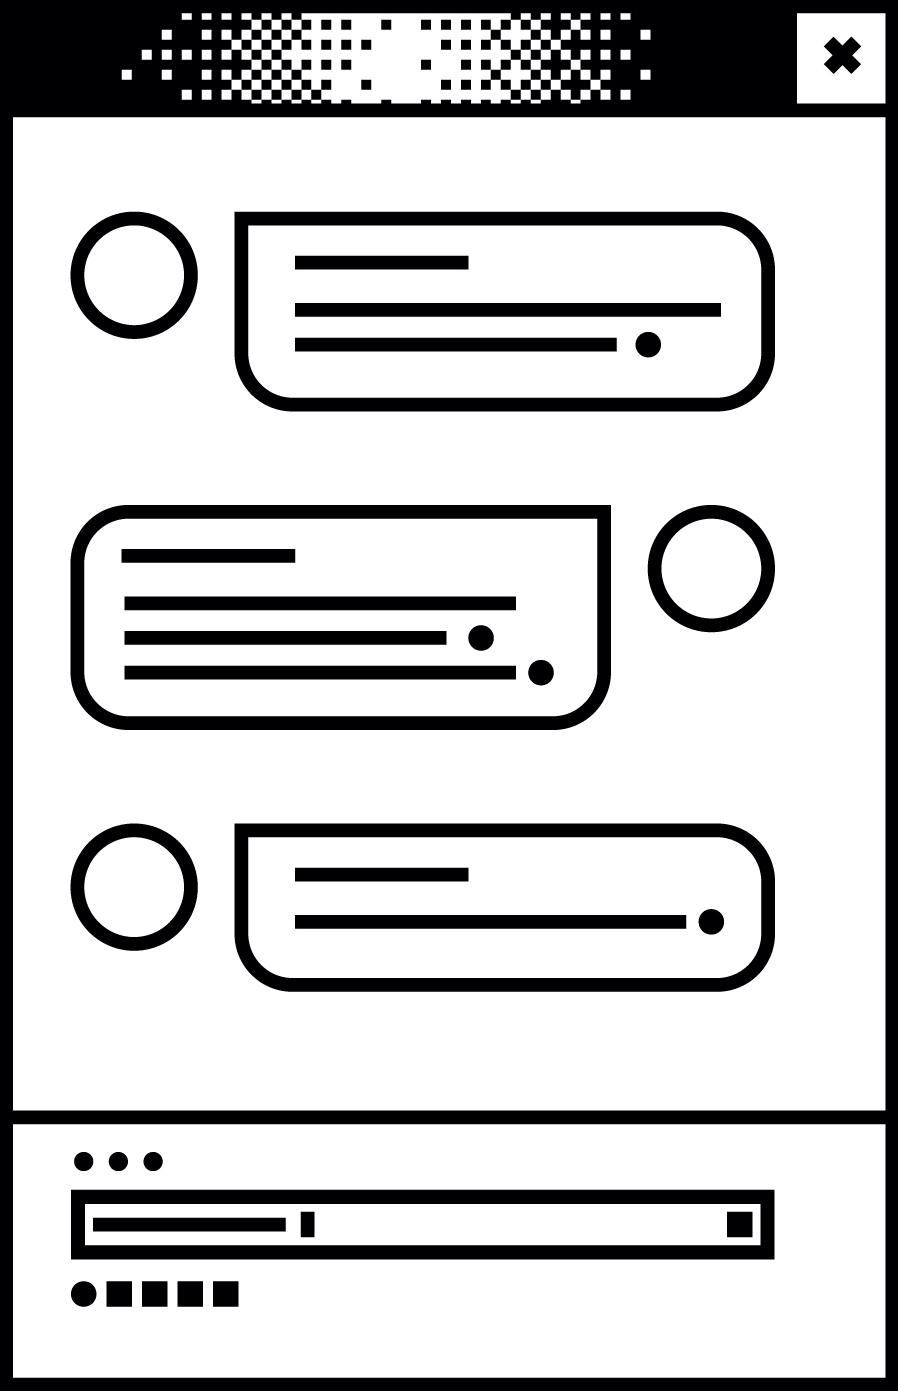 Weißes Browserfenster mit einem Chatverlauf in der Mitte